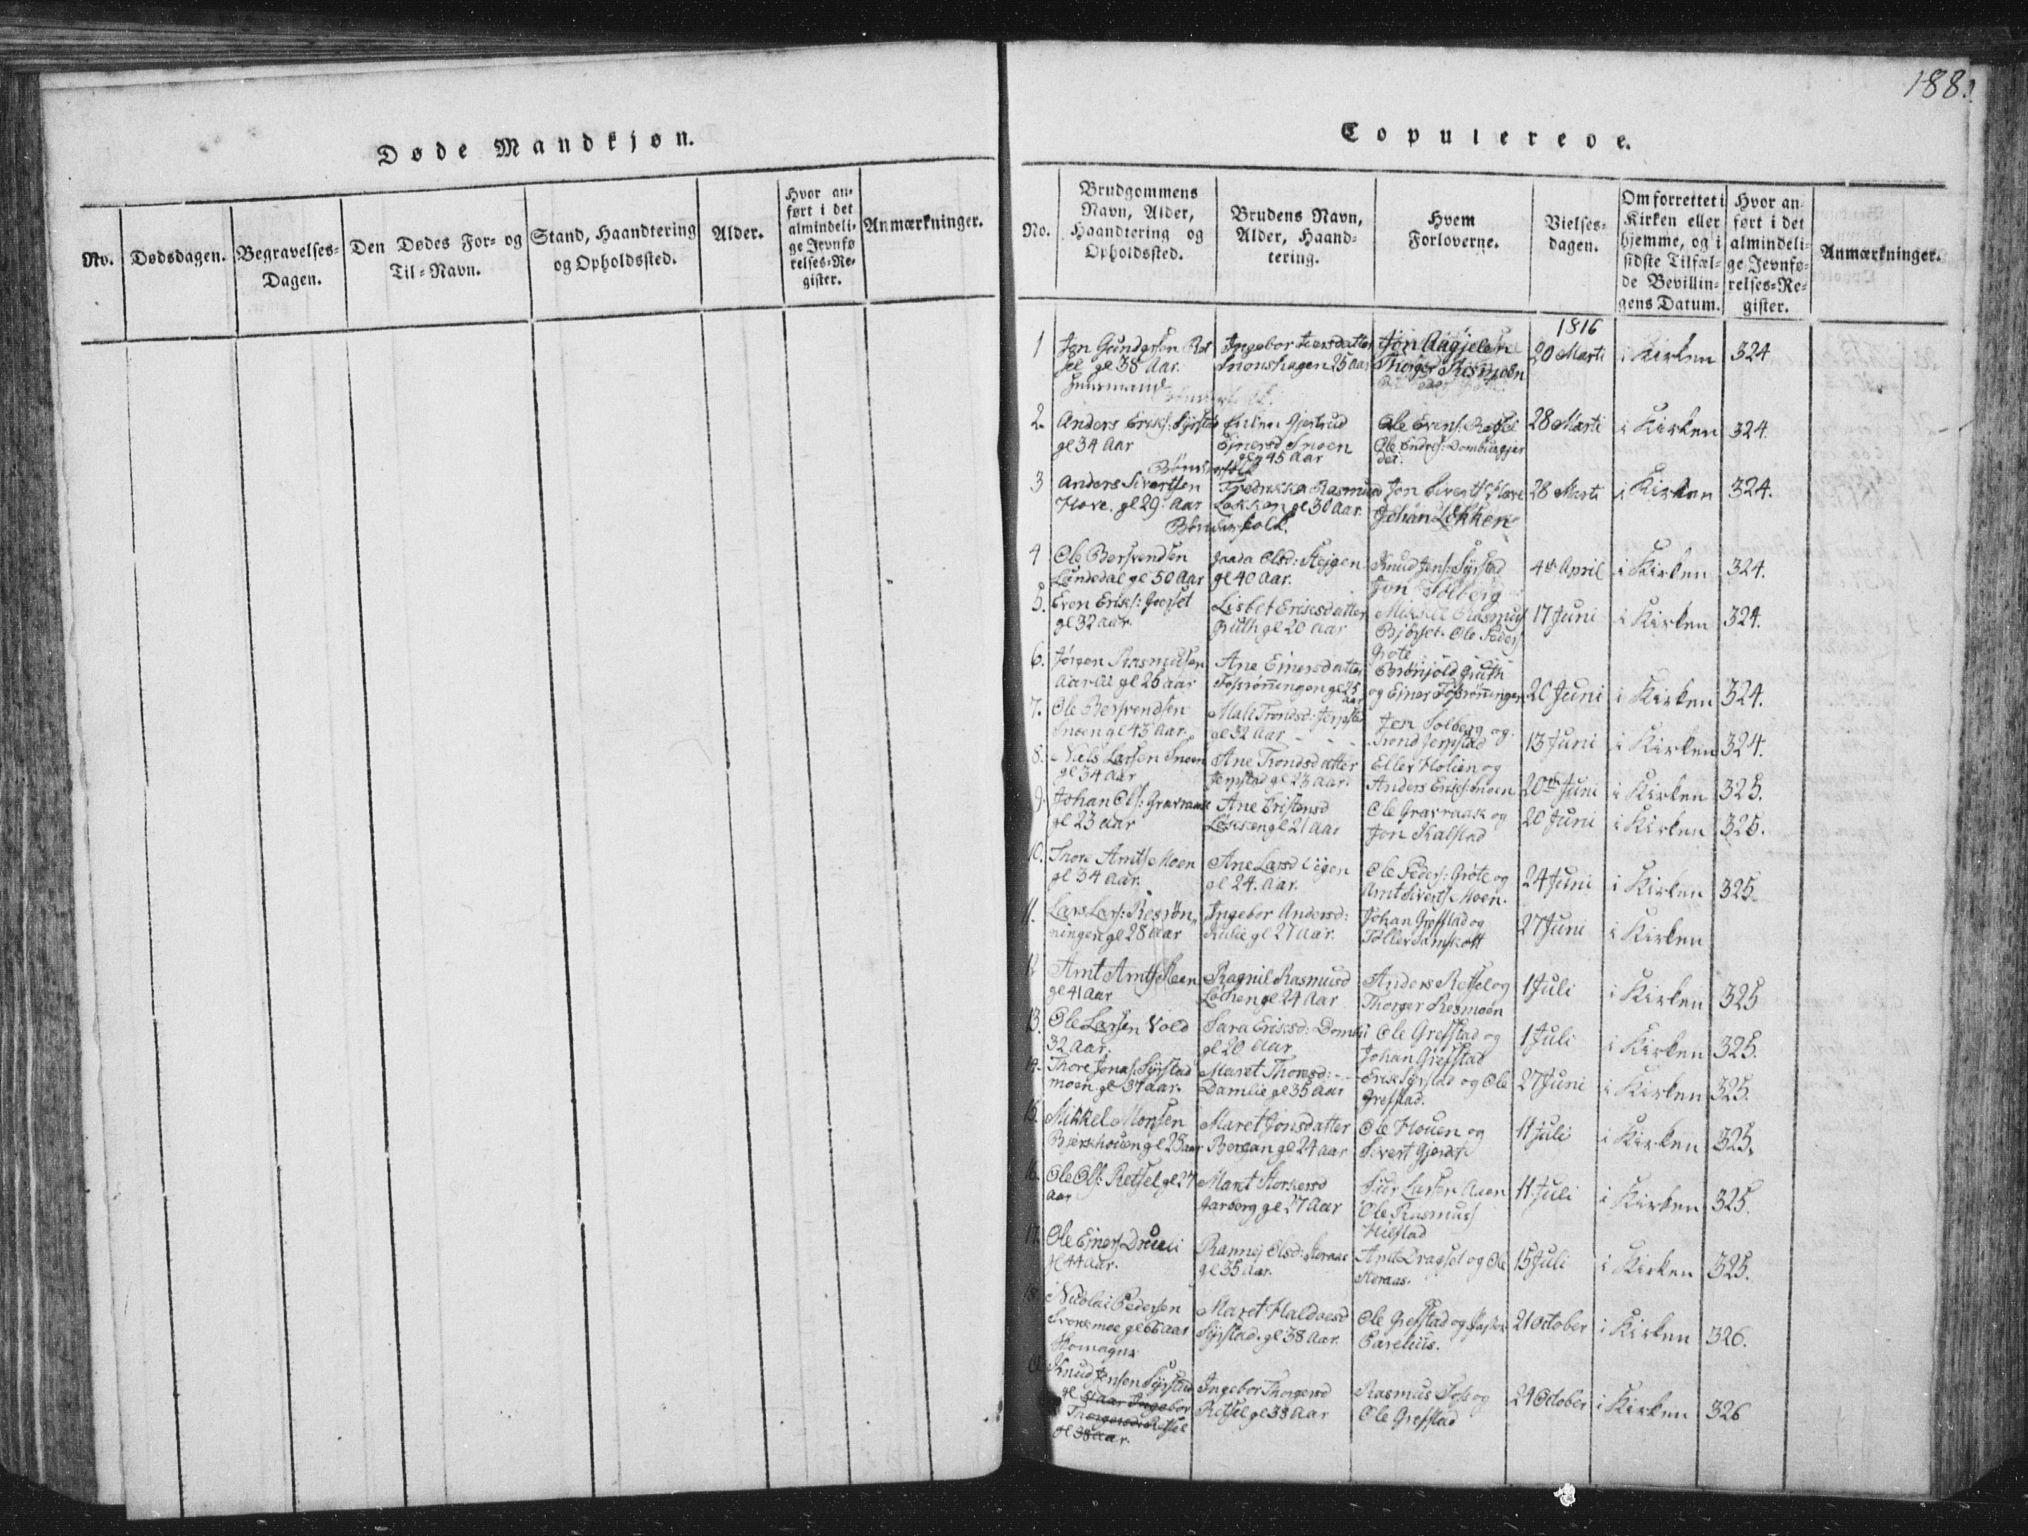 SAT, Ministerialprotokoller, klokkerbøker og fødselsregistre - Sør-Trøndelag, 672/L0862: Klokkerbok nr. 672C01, 1816-1831, s. 188